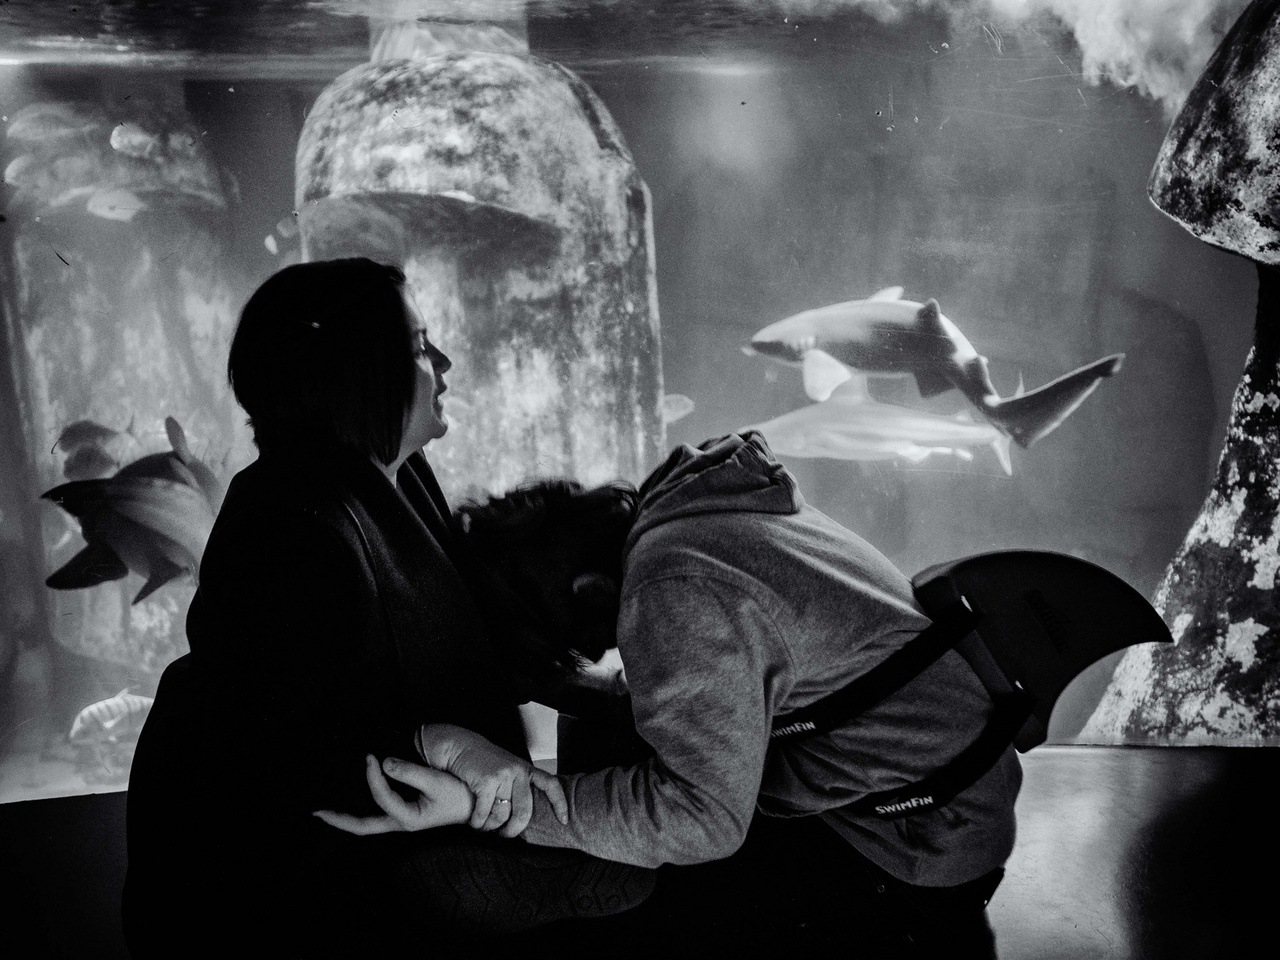 Kallan és édesanyja Nicola a londoni akváriumban figyelik a cápákat. Az állatok hullámzó mozgása megnyugtatja az autizmussal élő Kallant. Sokat jár az akváriumba, és mindig cápás öltözetben érkezik.